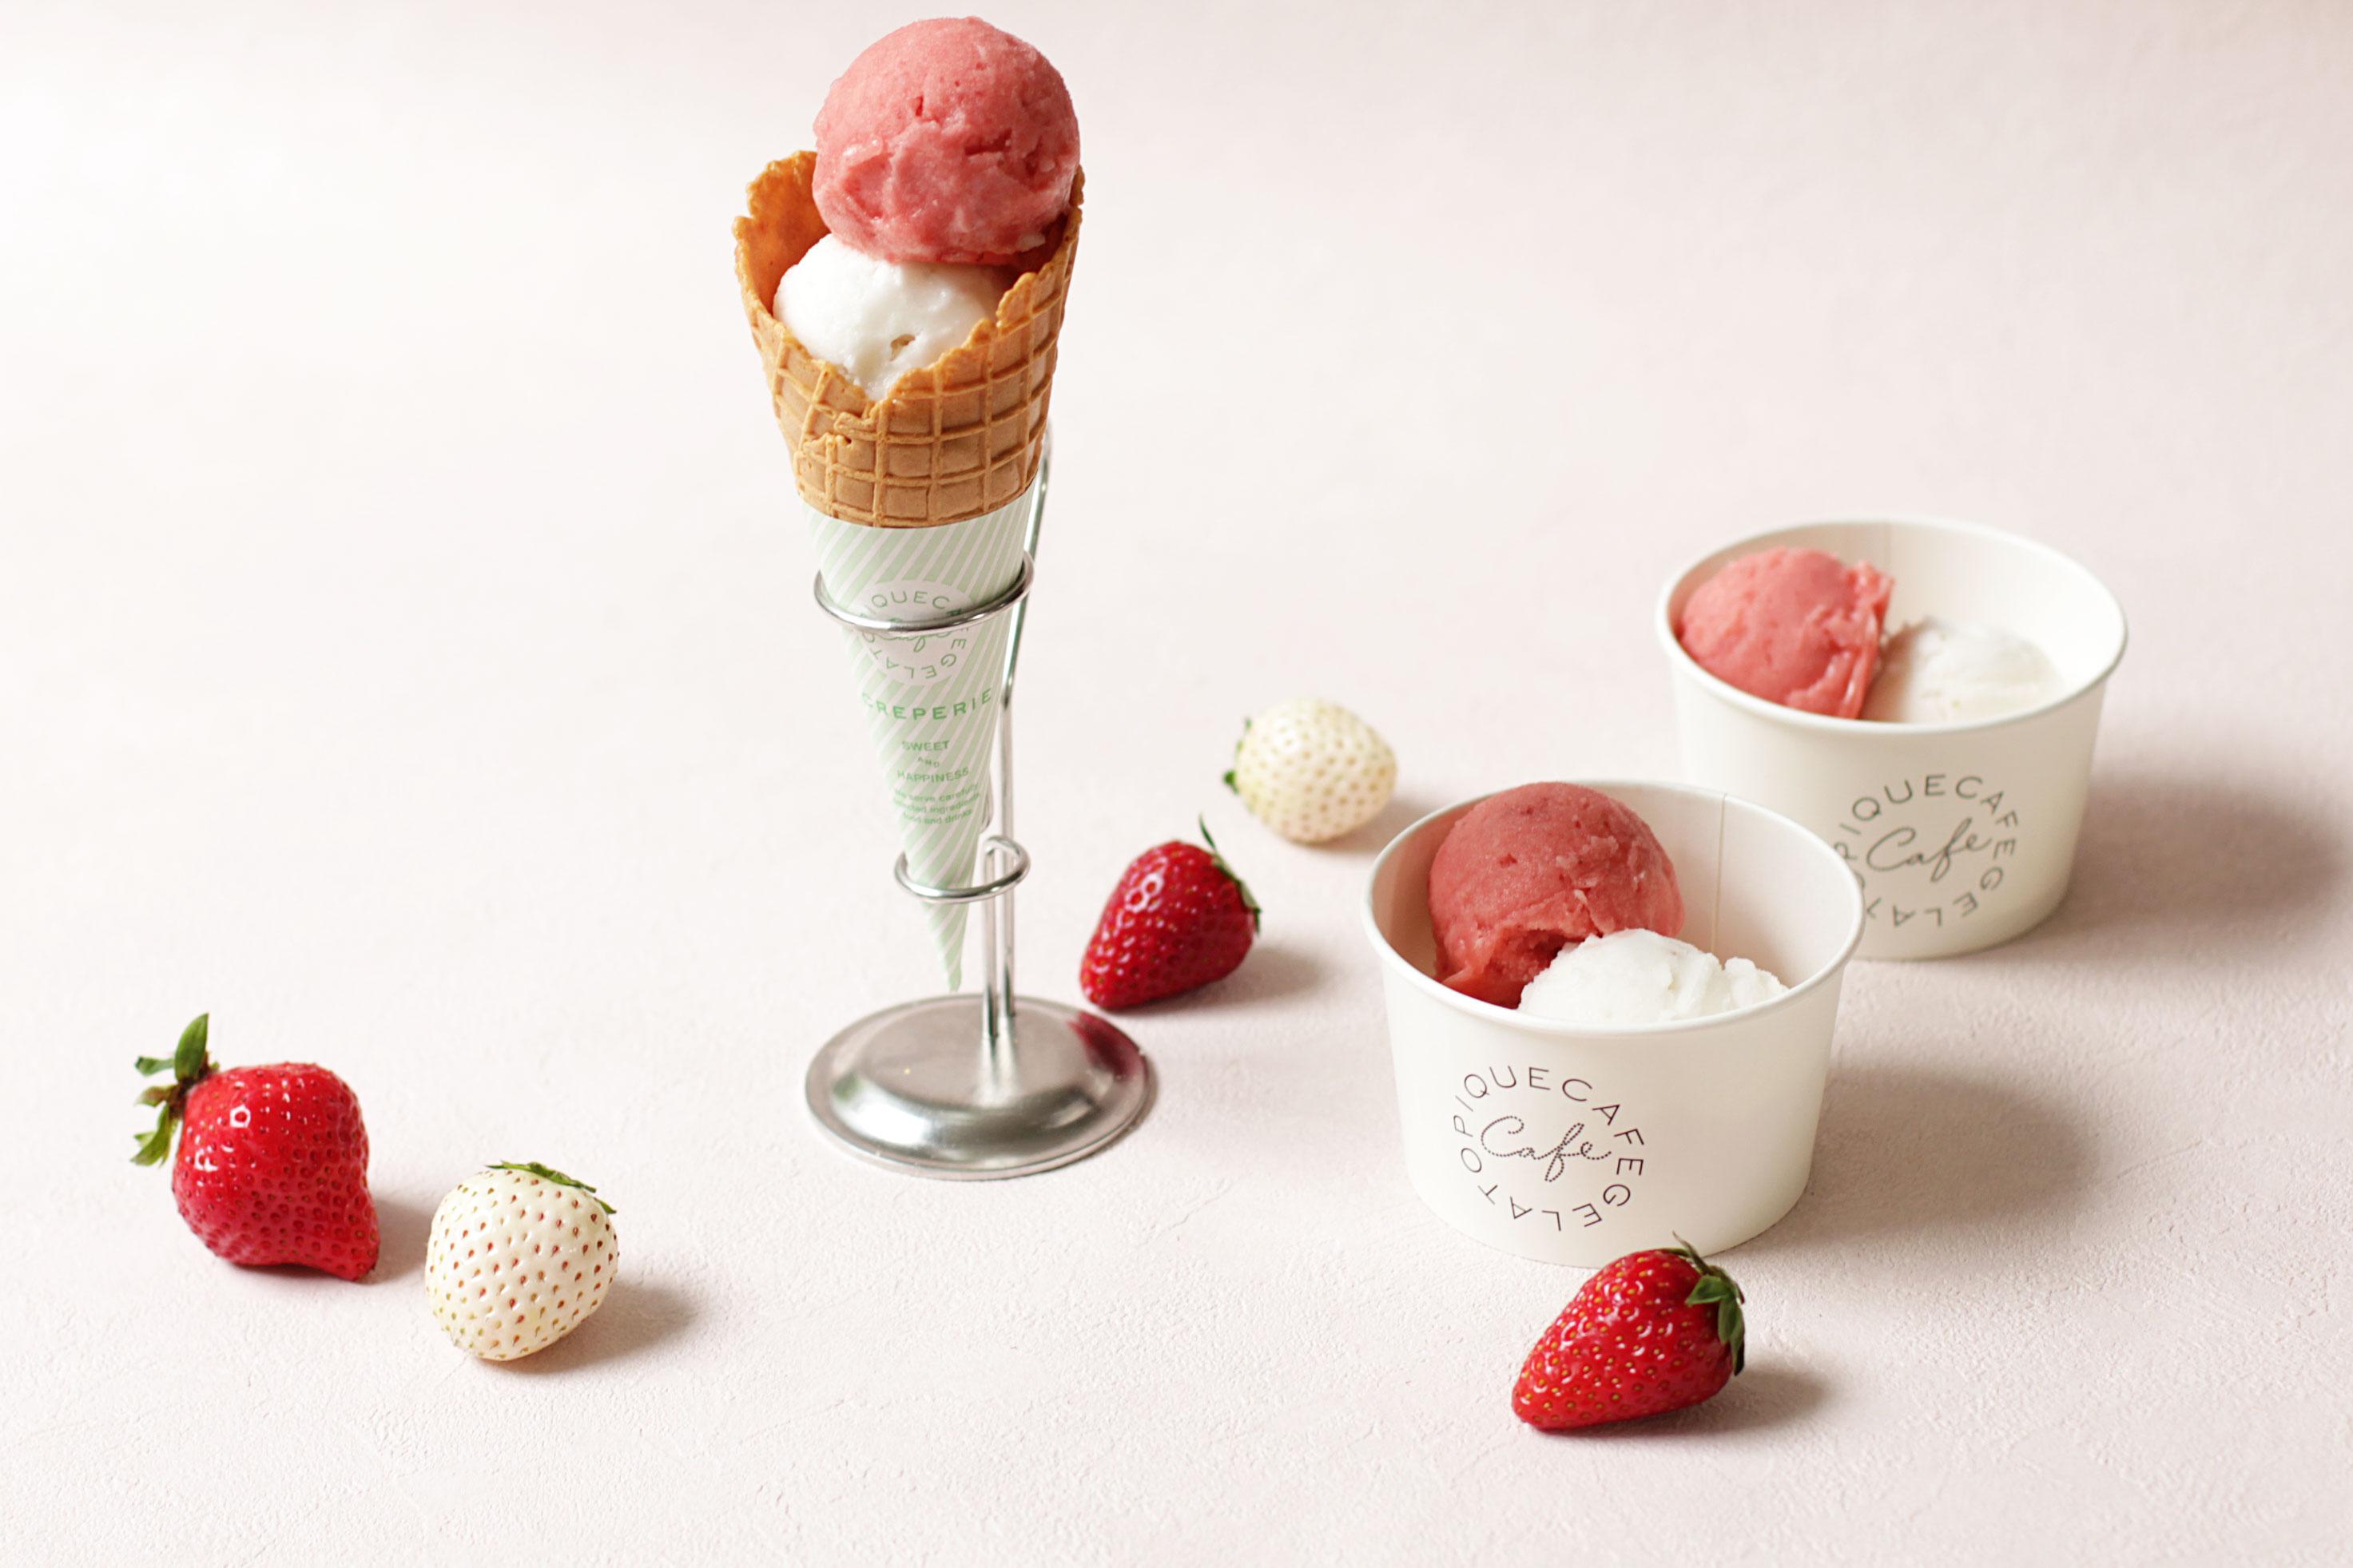 gelato-pique-cafe-%e3%81%84%e3%81%a1%e3%81%94%e3%83%95%e3%82%a7%e3%82%a2-strawberry-fair-%e5%92%96%e5%95%a1%e5%ba%97%e8%8d%89%e8%8e%93%e7%af%80_2